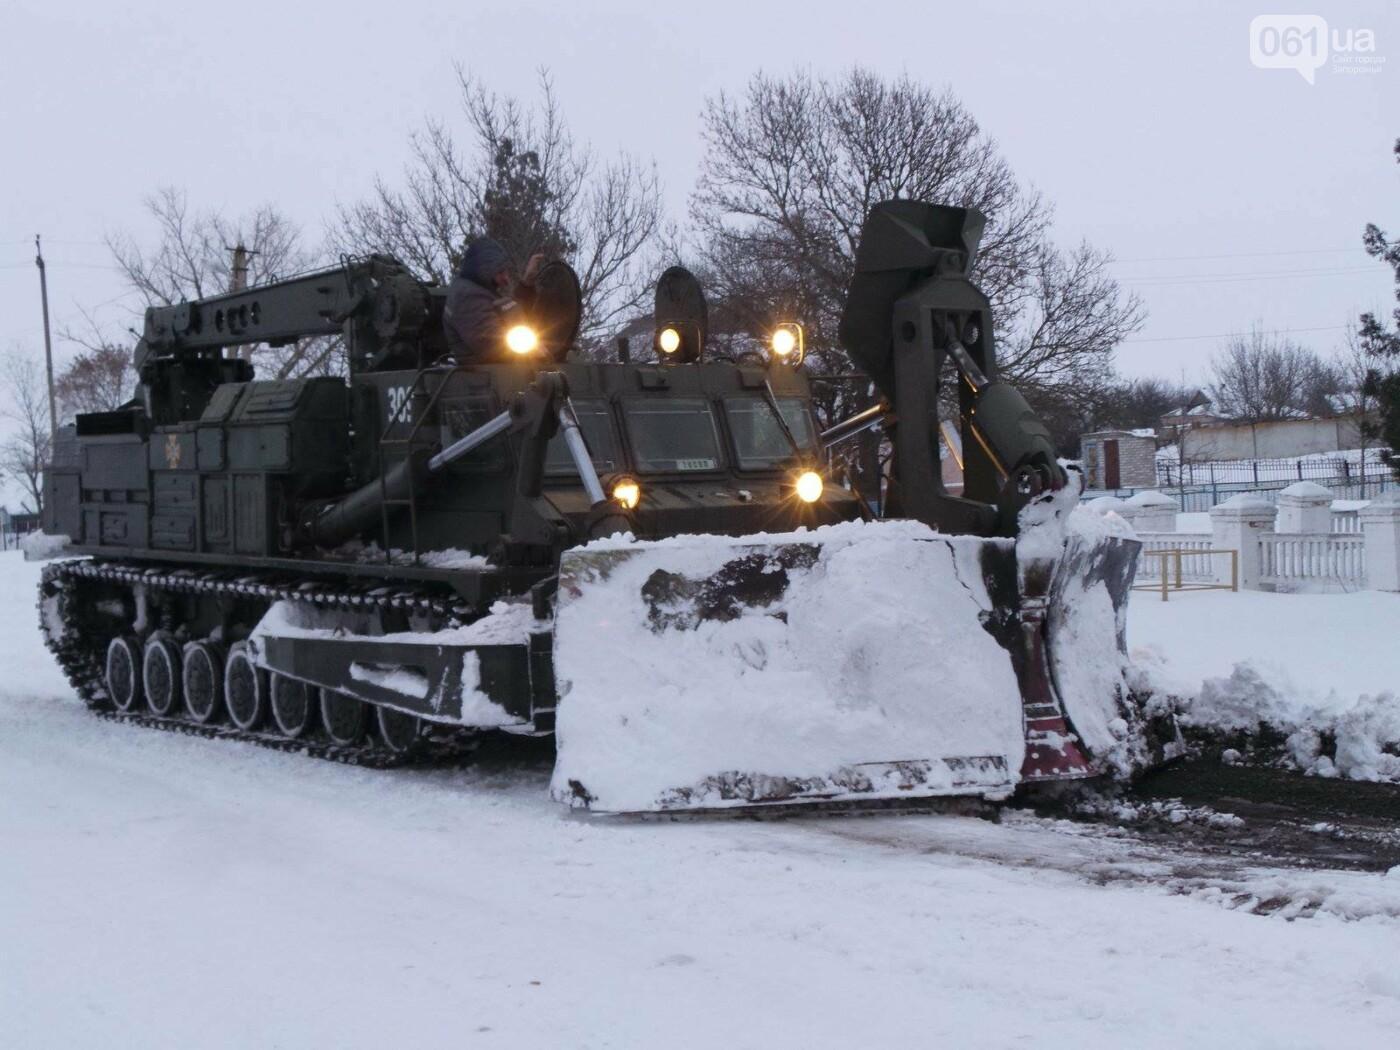 В Запорожской области за 4 суток из снега вытащили 192 машины, спасены 453 человека, - ФОТО, ВИДЕО, фото-3